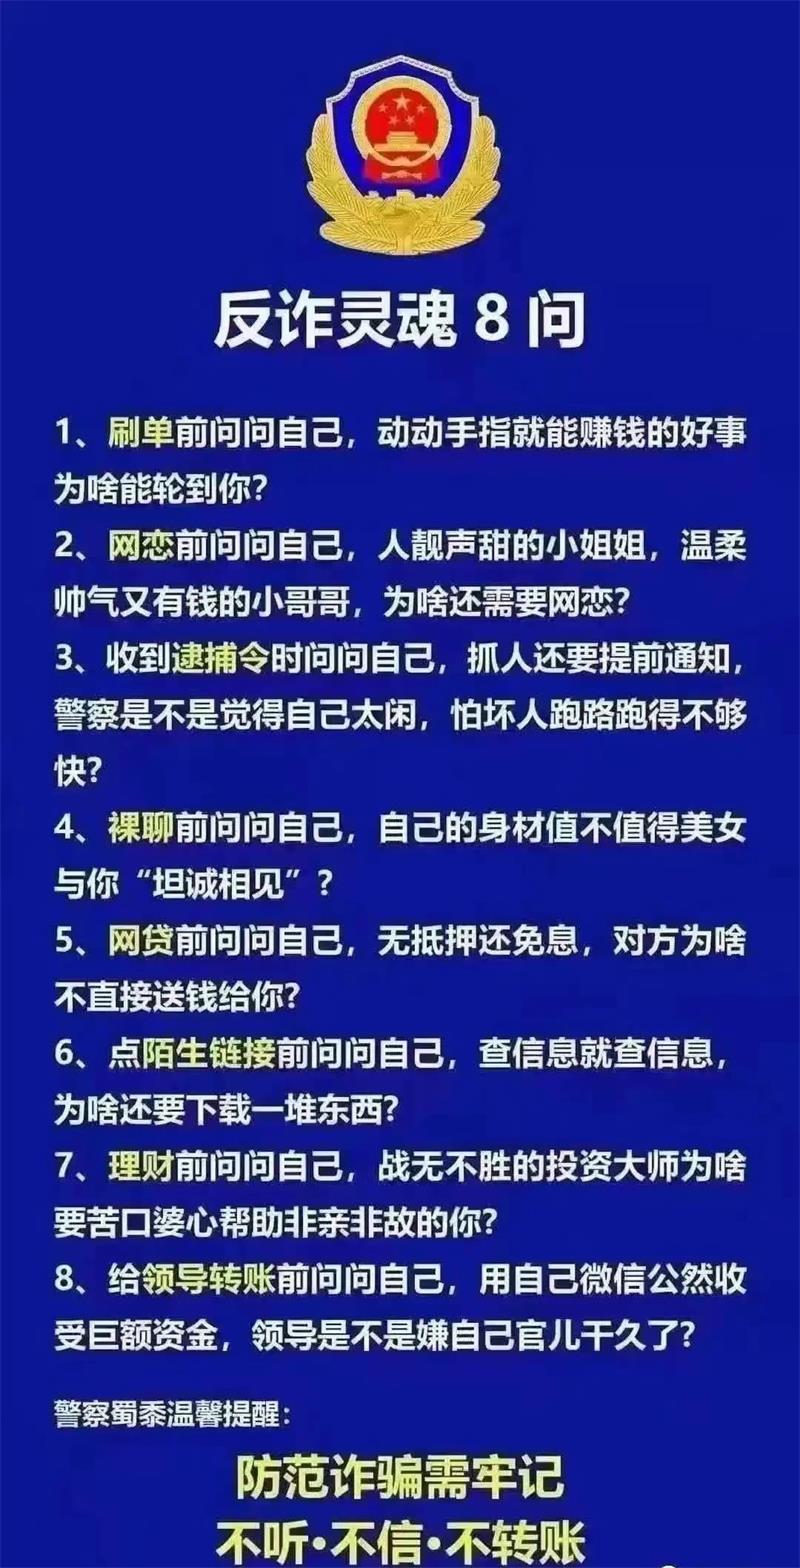 """国晖北京- 警方发布""""美女""""裸聊视频,反诈骗灵魂八问!"""